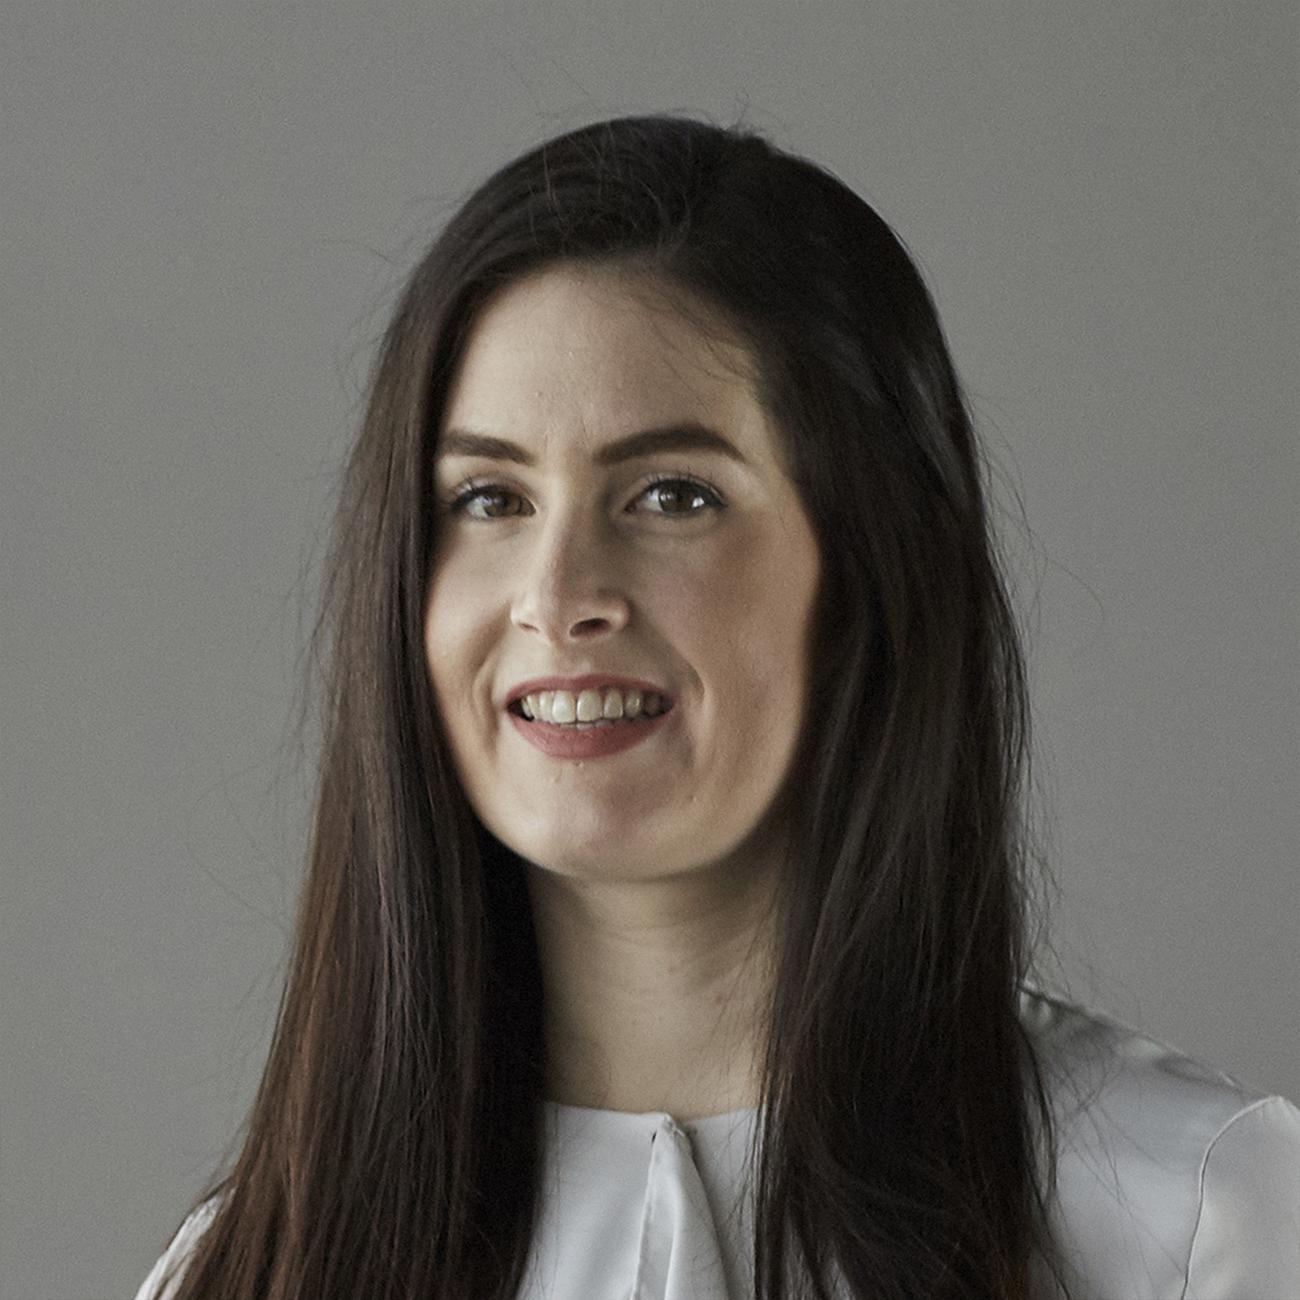 Jenna Seward